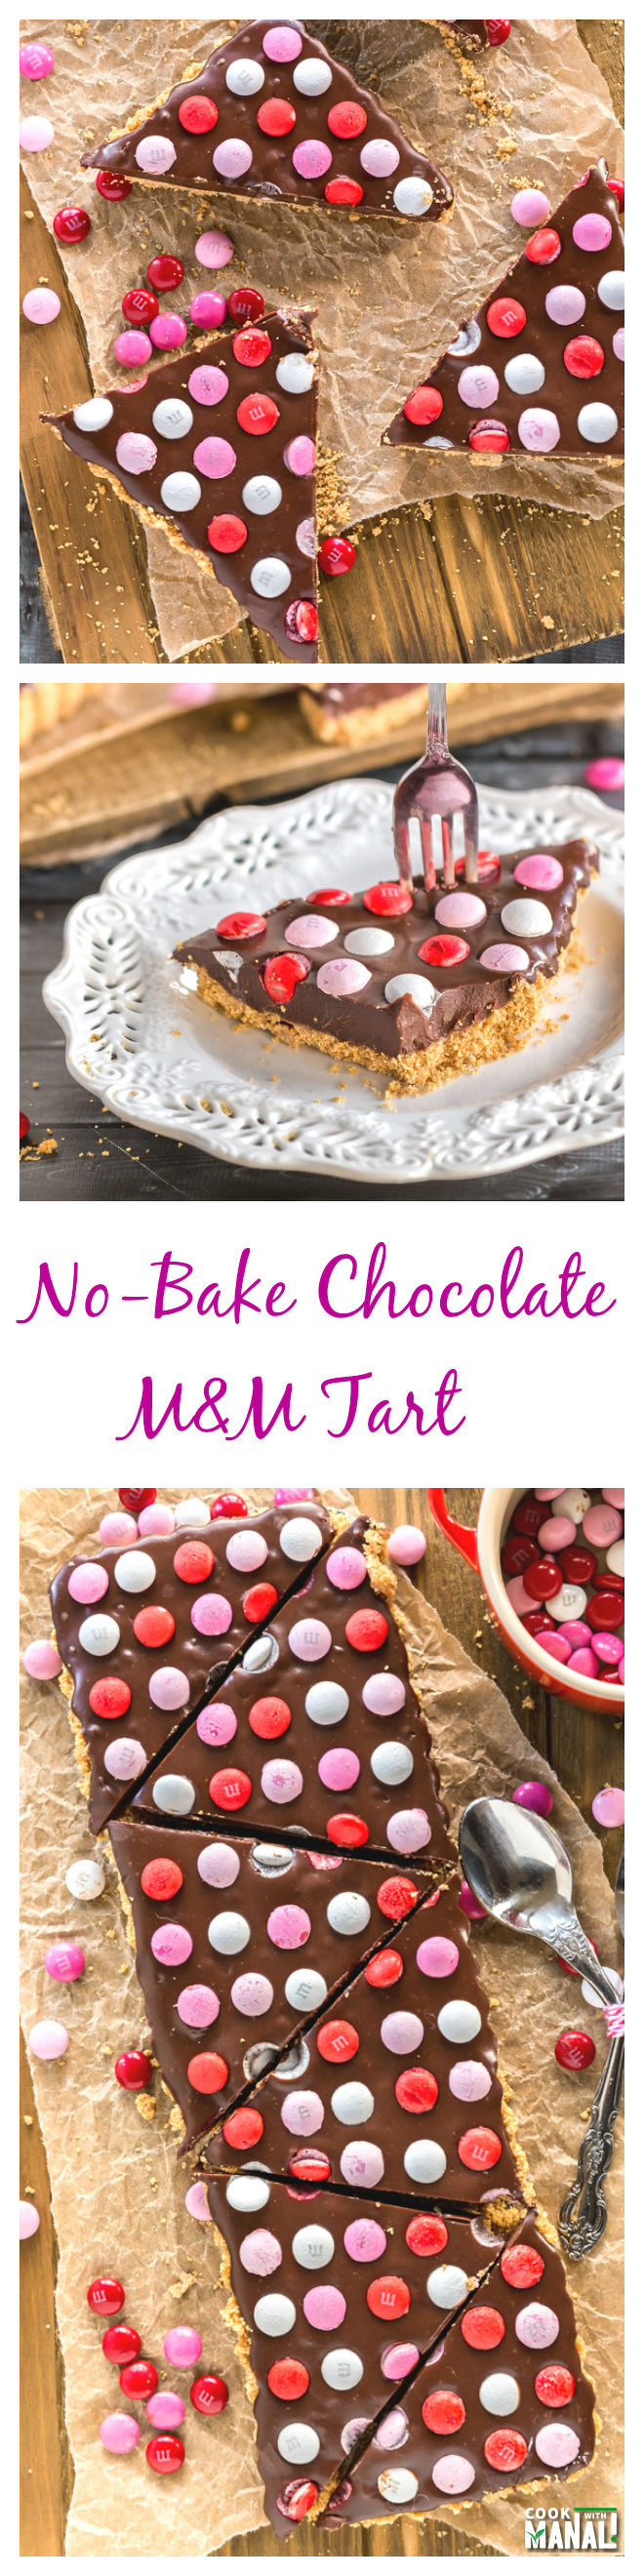 No-Bake Chocolate M&M Tart-Collage